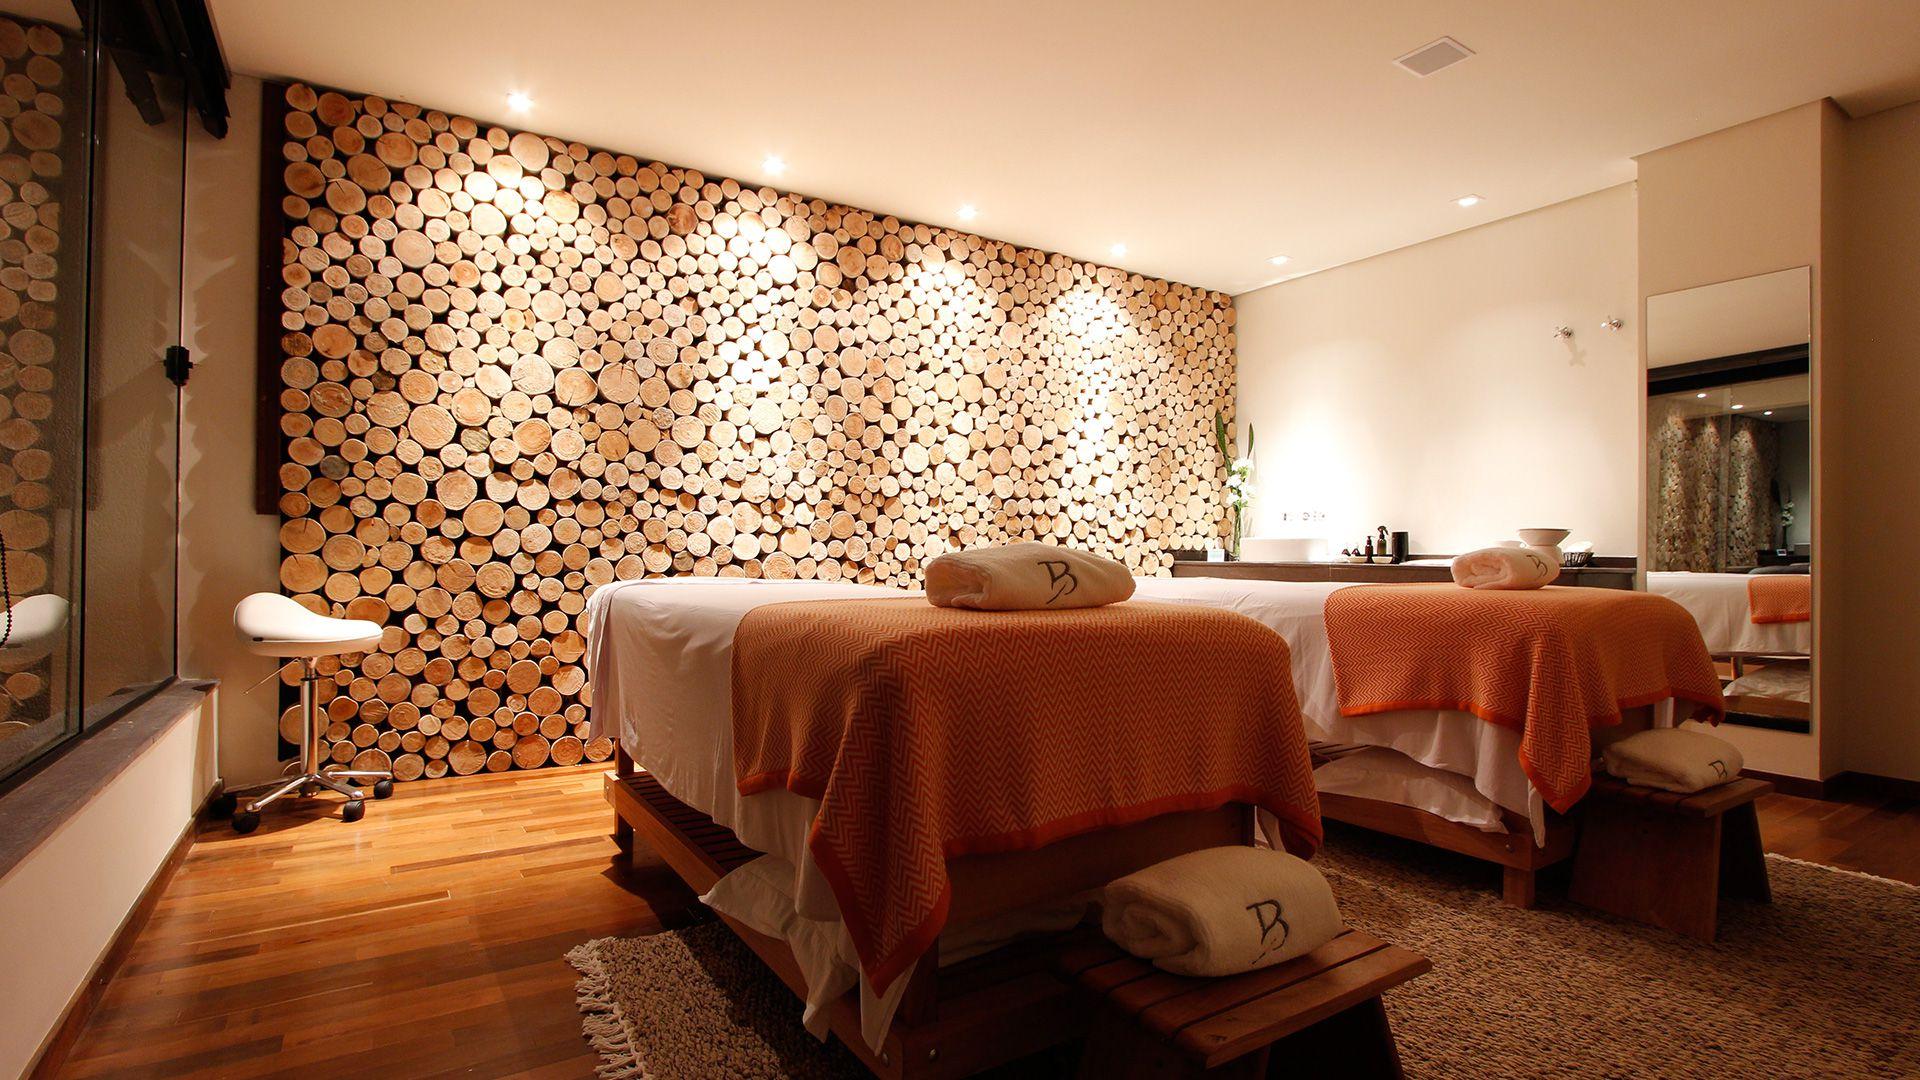 17-spa-hotel-botanique-foto-sala-de-trat-tocos-de-madeira-parede